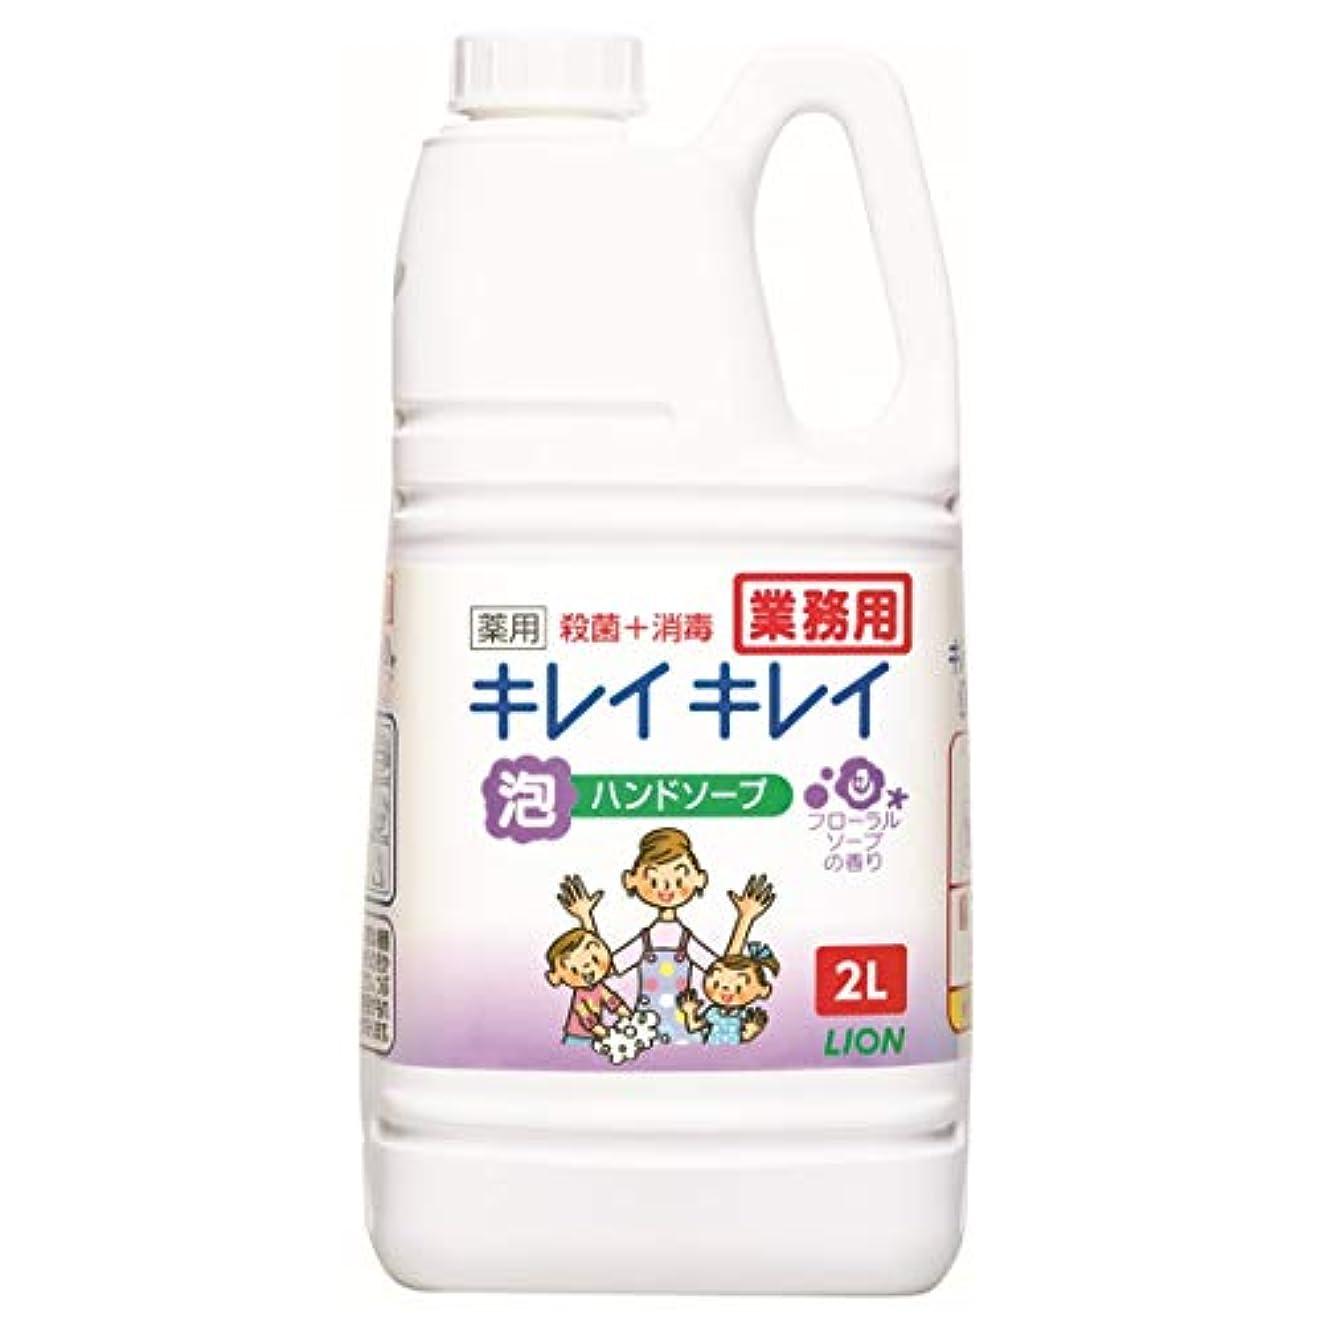 姓あたり接続【大容量】キレイキレイ 薬用泡ハンドソープ フローラルソープの香り 2L